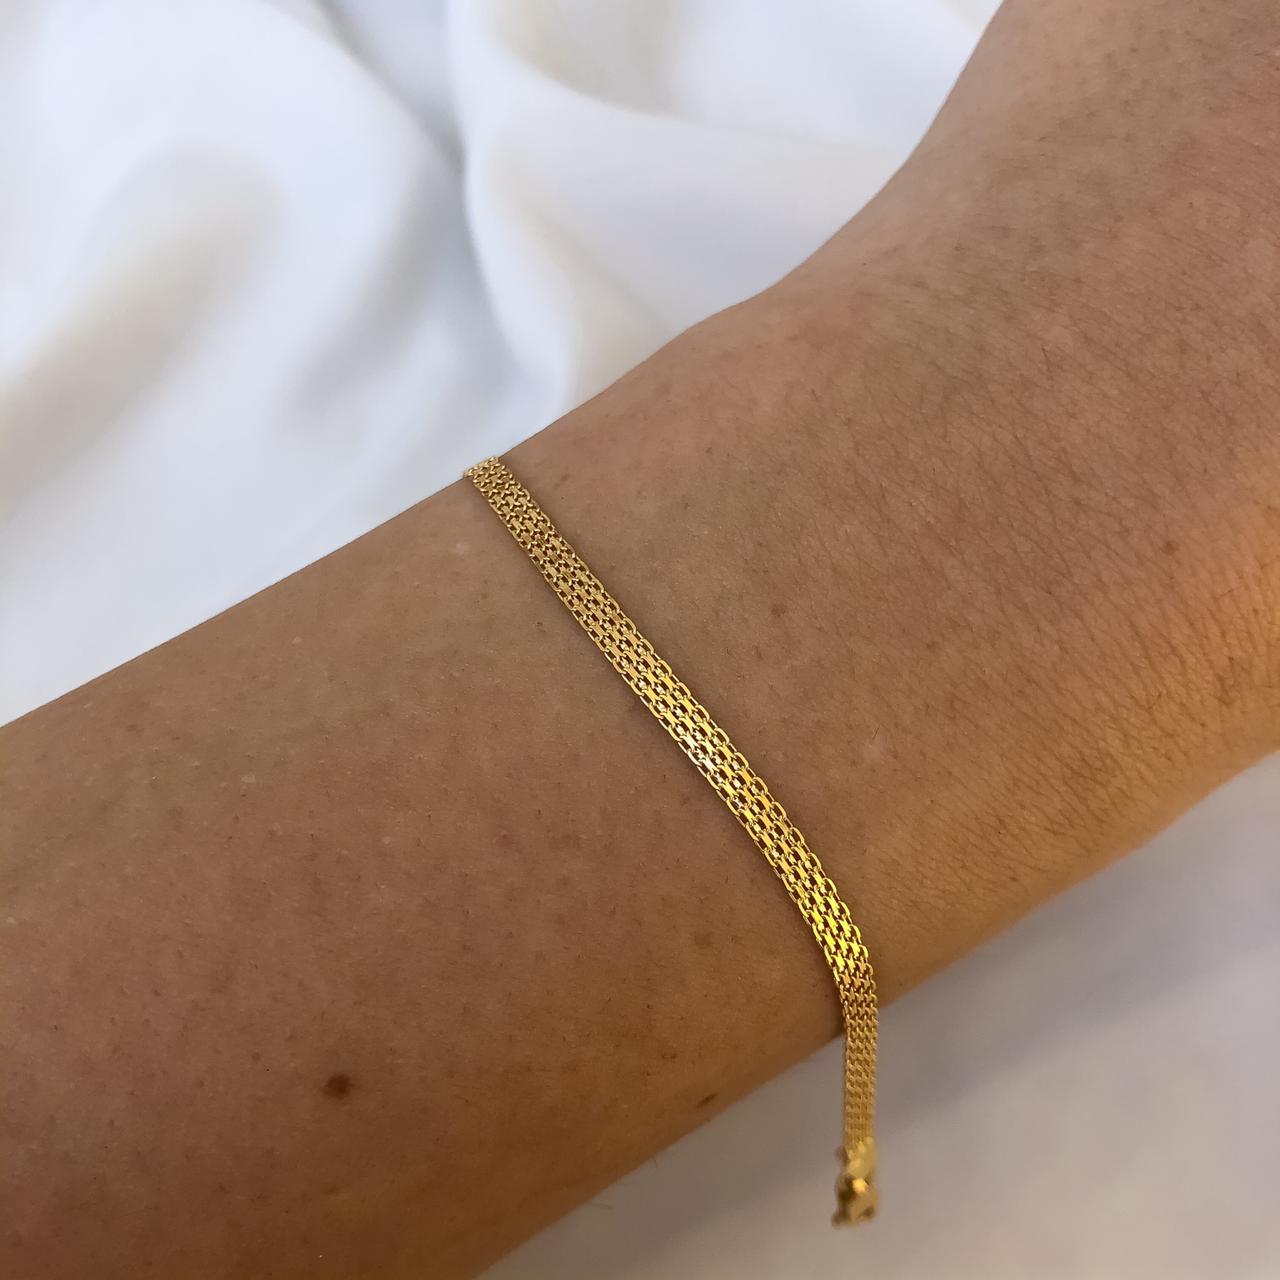 Pulseira Esteira em Ouro 18K 19cm